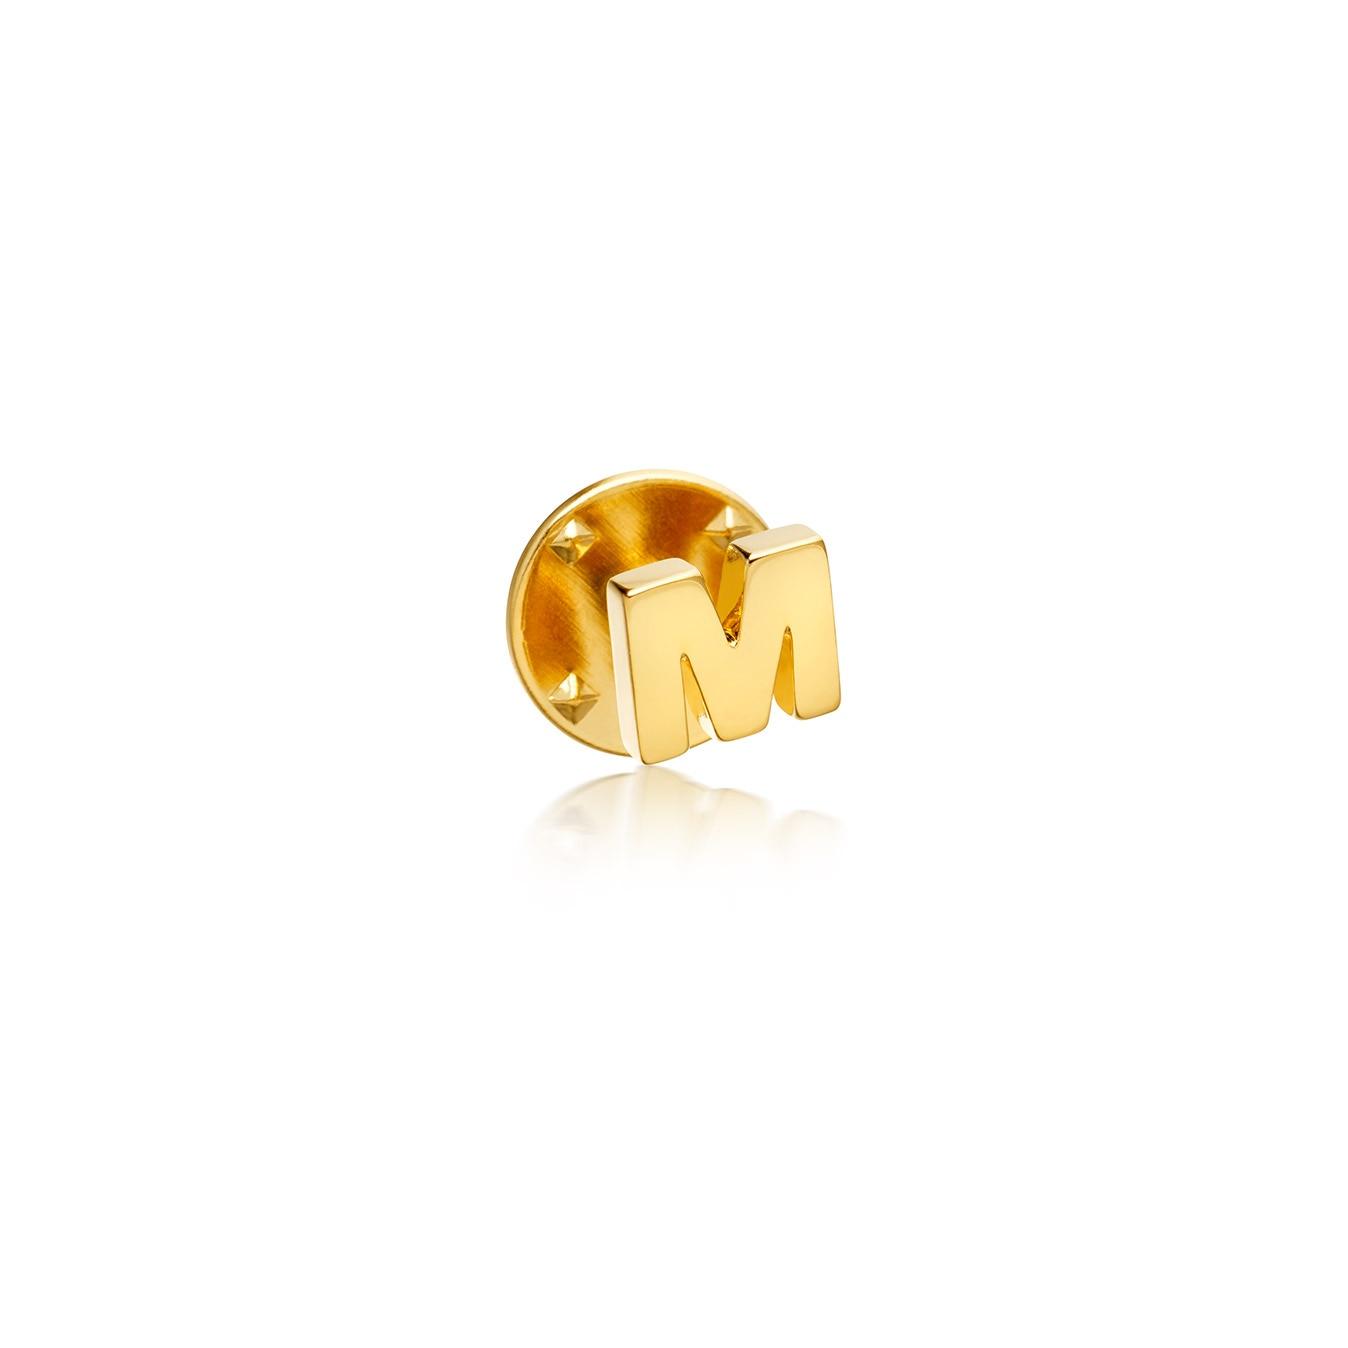 Initial 'M' Biography Pin